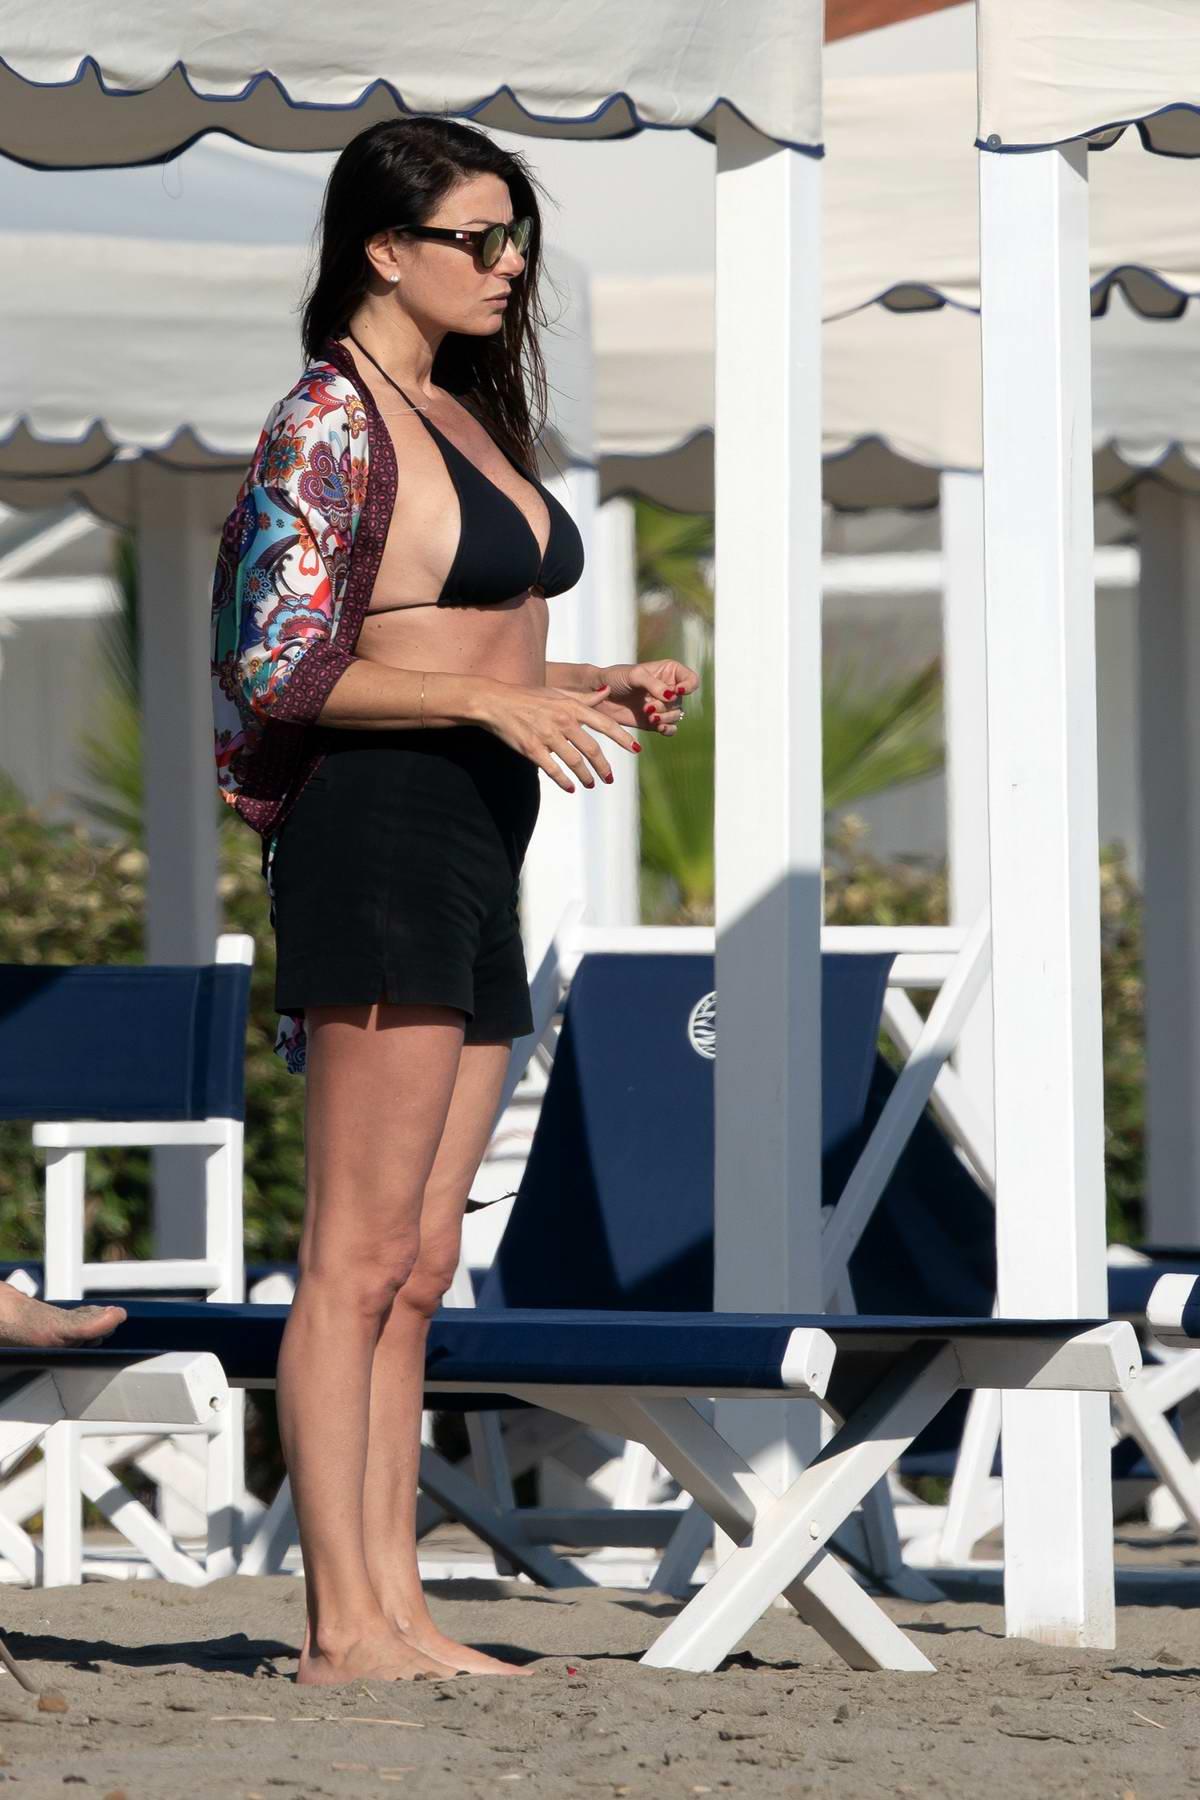 llaria D'Amico spotted in a black bikini while on the beach in Forte dei Marmi, Italy